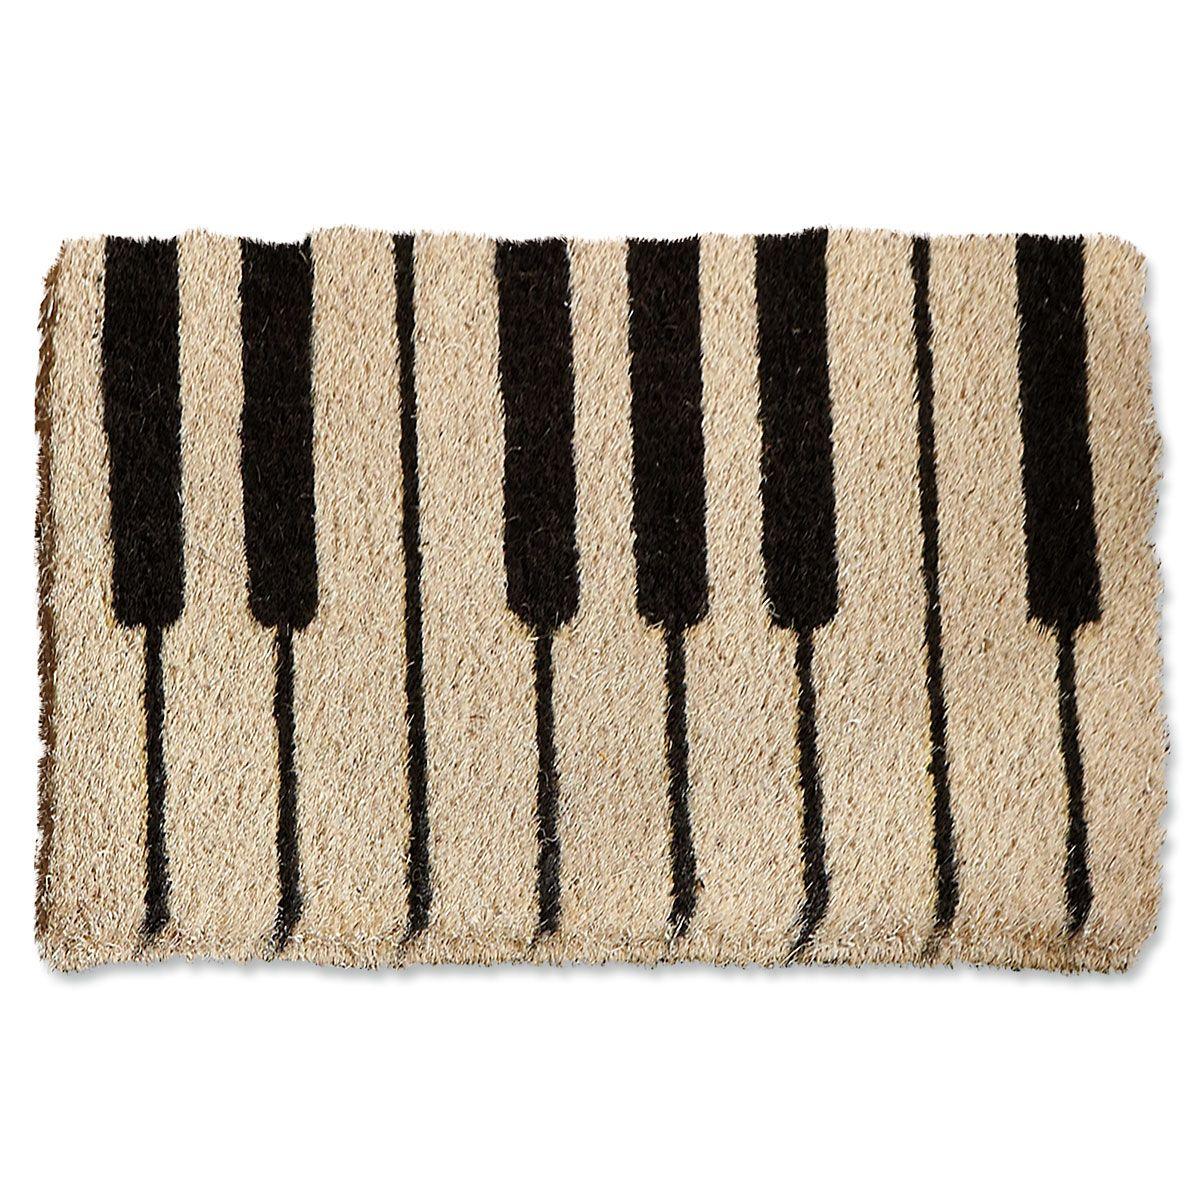 Piano Coco Doormat